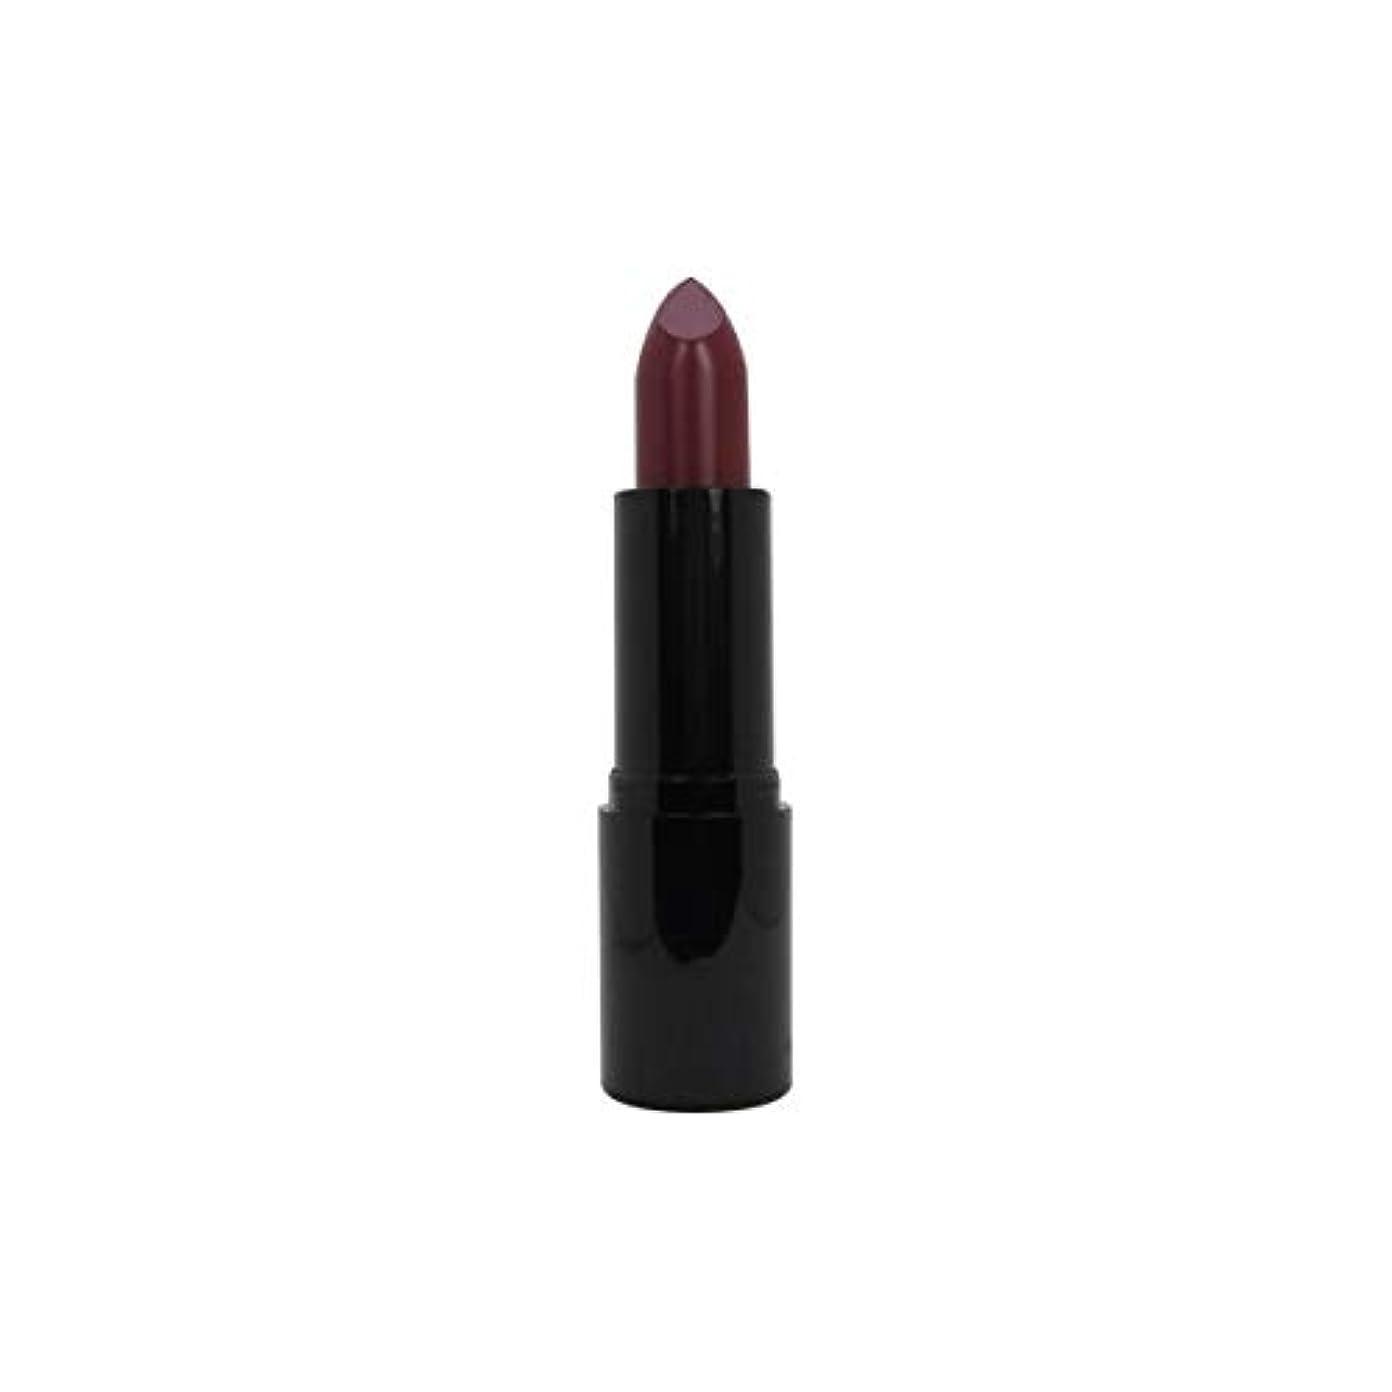 無意識遺産ペレグリネーションSkinerie The Collection Lipstick 11 Berry Diva 3,5g